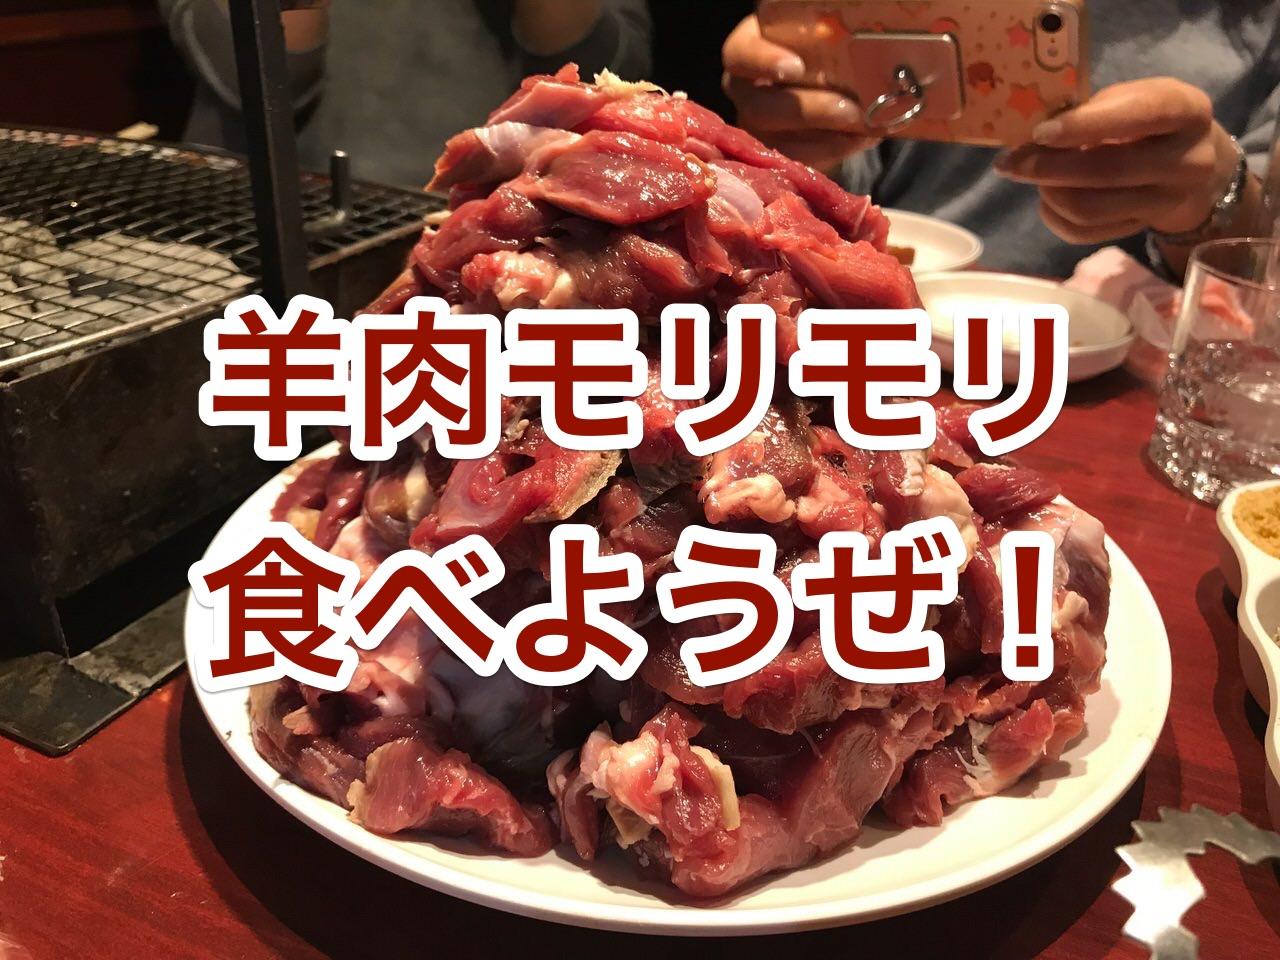 西川口チャイナタウン「小城」羊肉マウンテンこんもり3kgに登頂せよ!